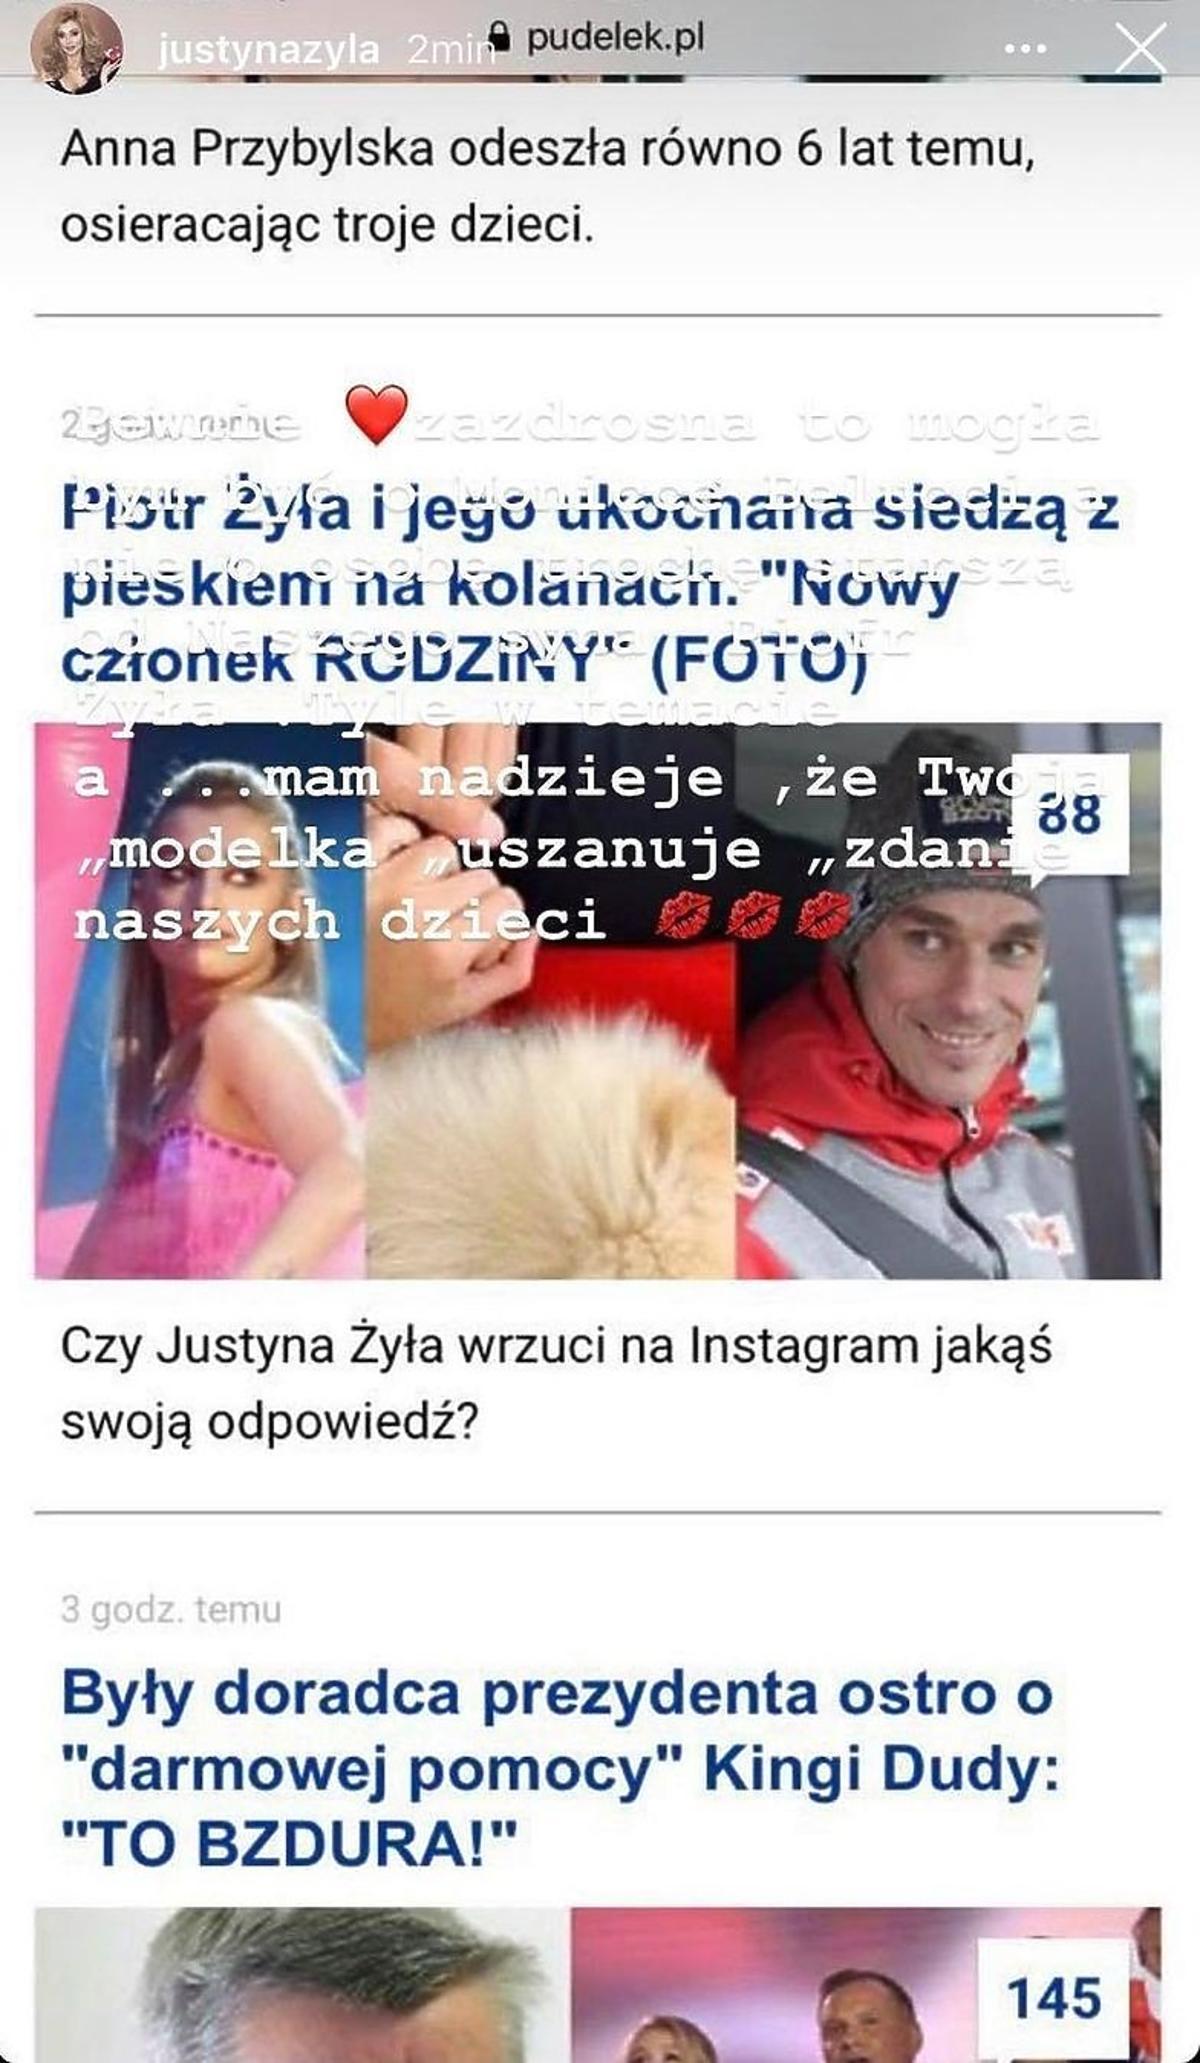 Justyna Żyła komentuje związek byłego męża